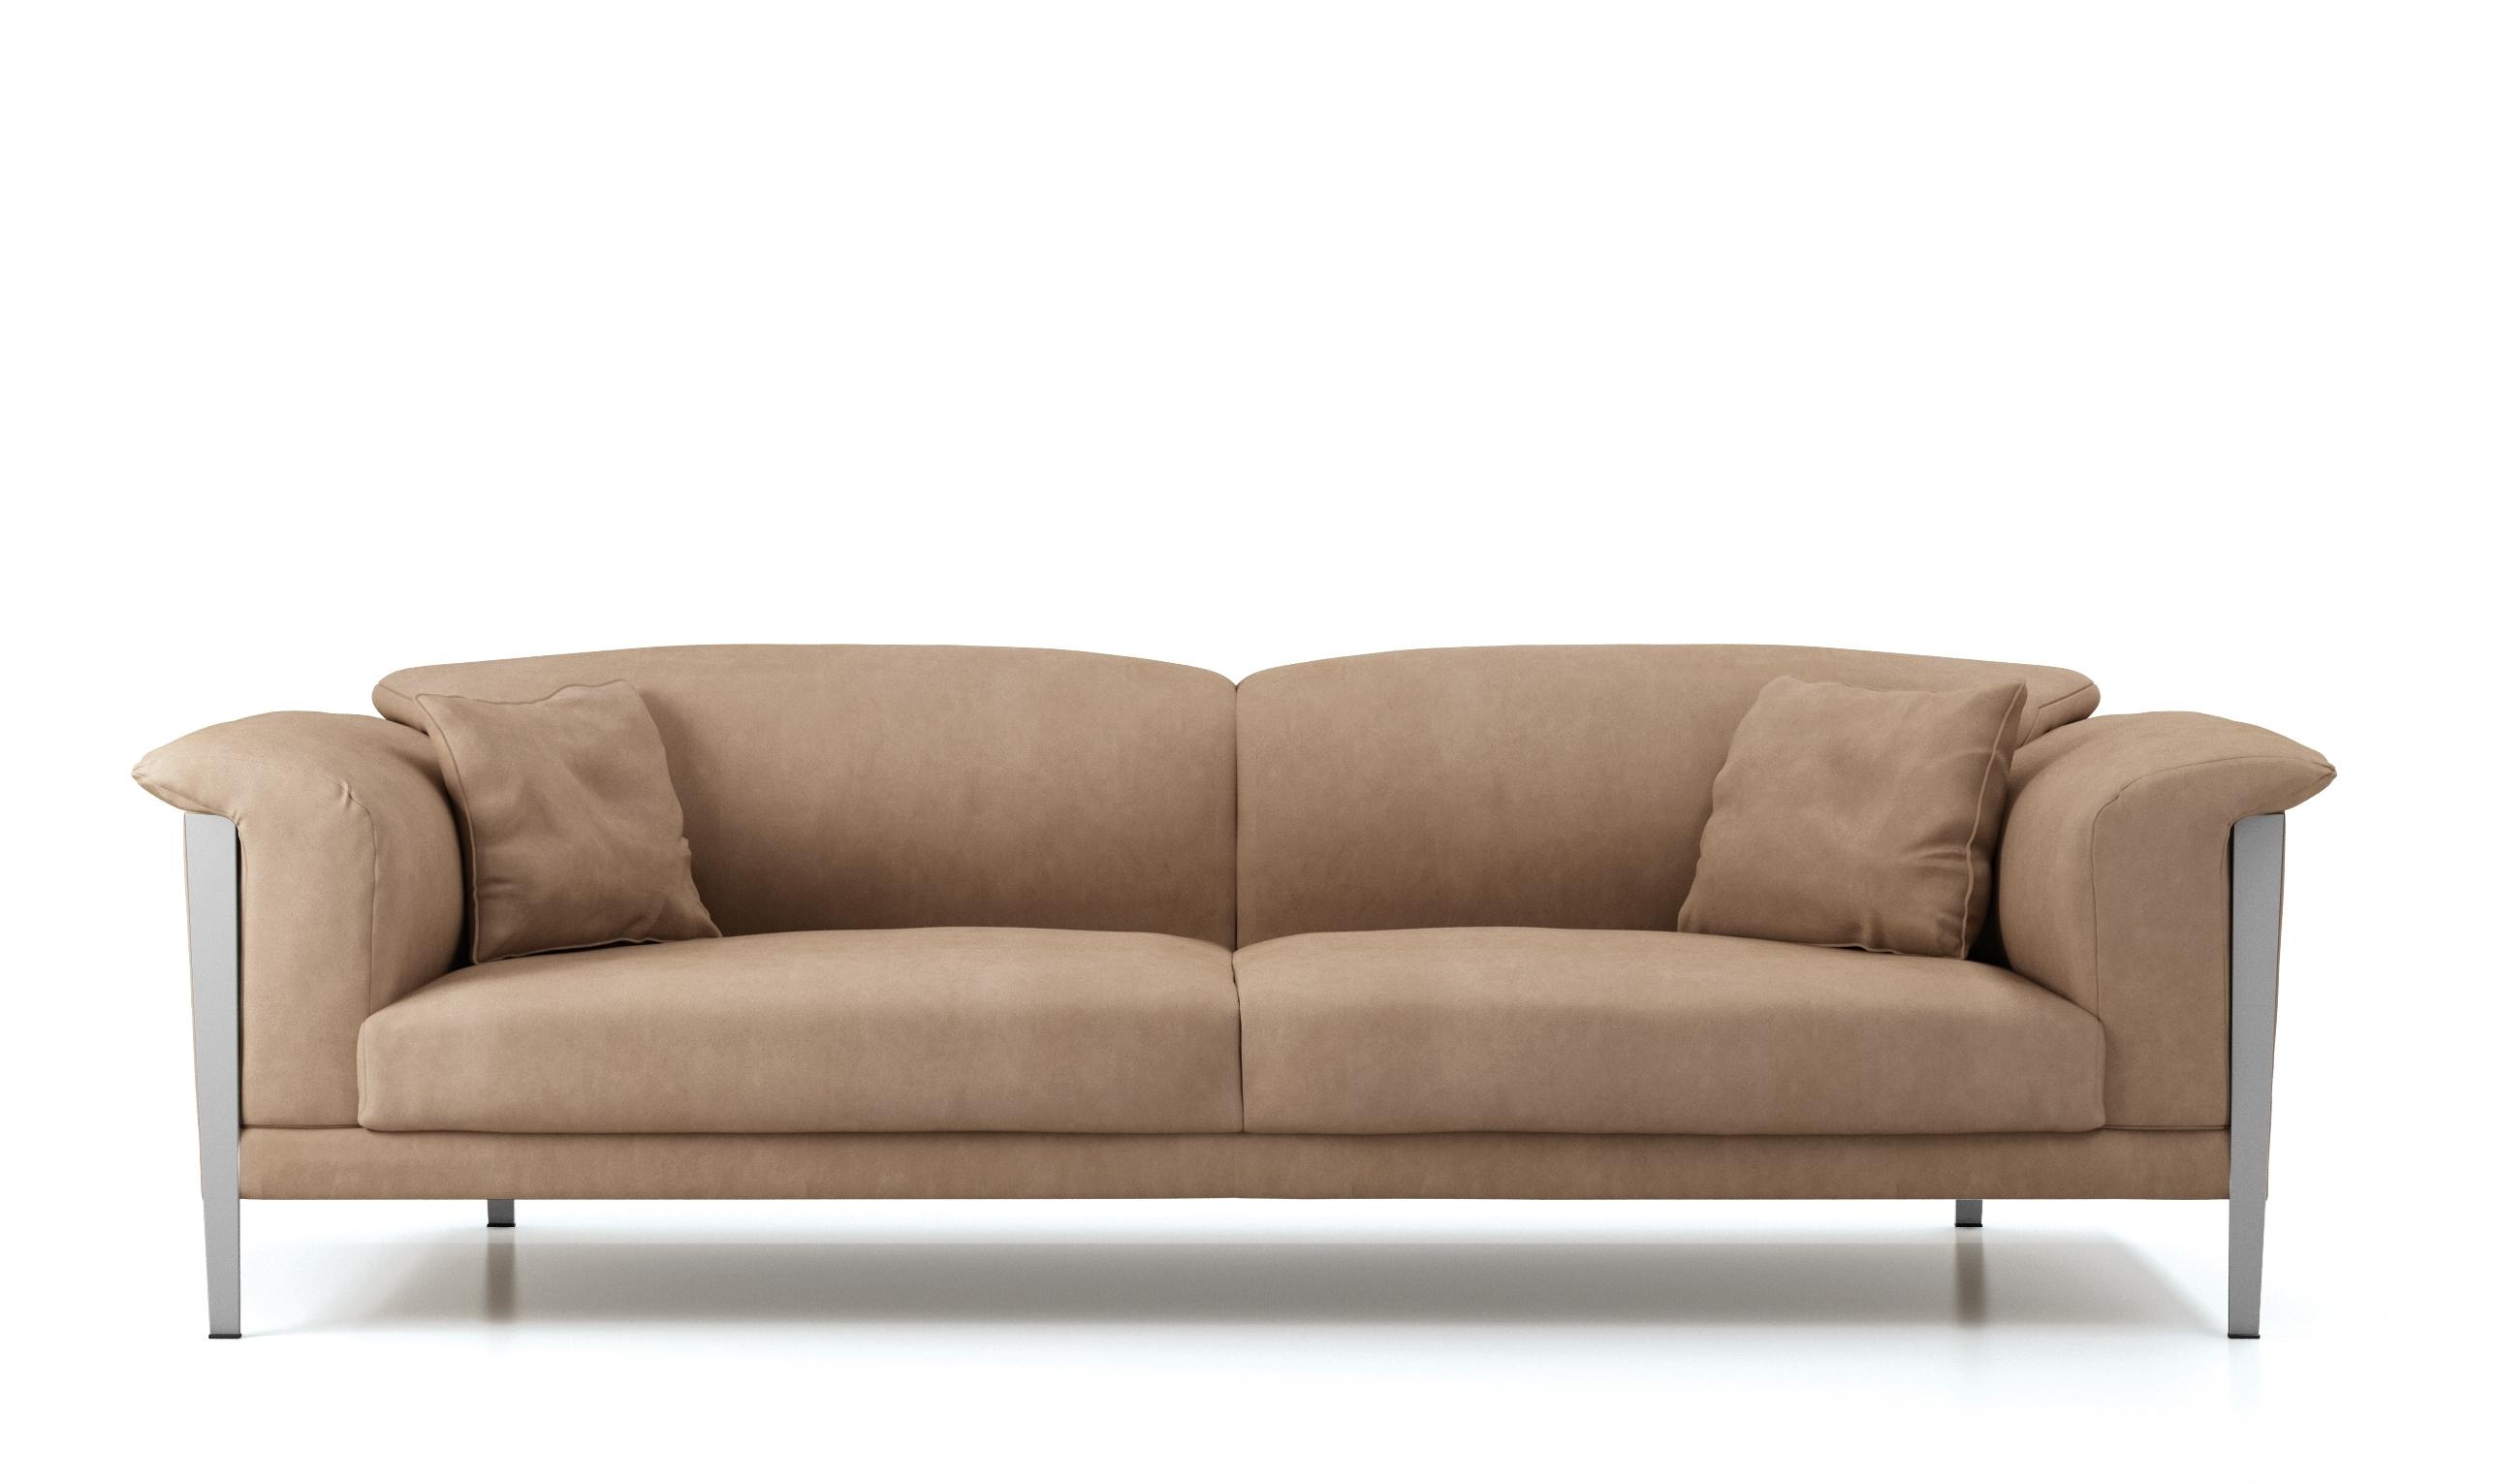 Soft Sofas Regarding Newest Cream Color Extra Soft Padded Leather Sofa Set Sacramento (View 2 of 20)